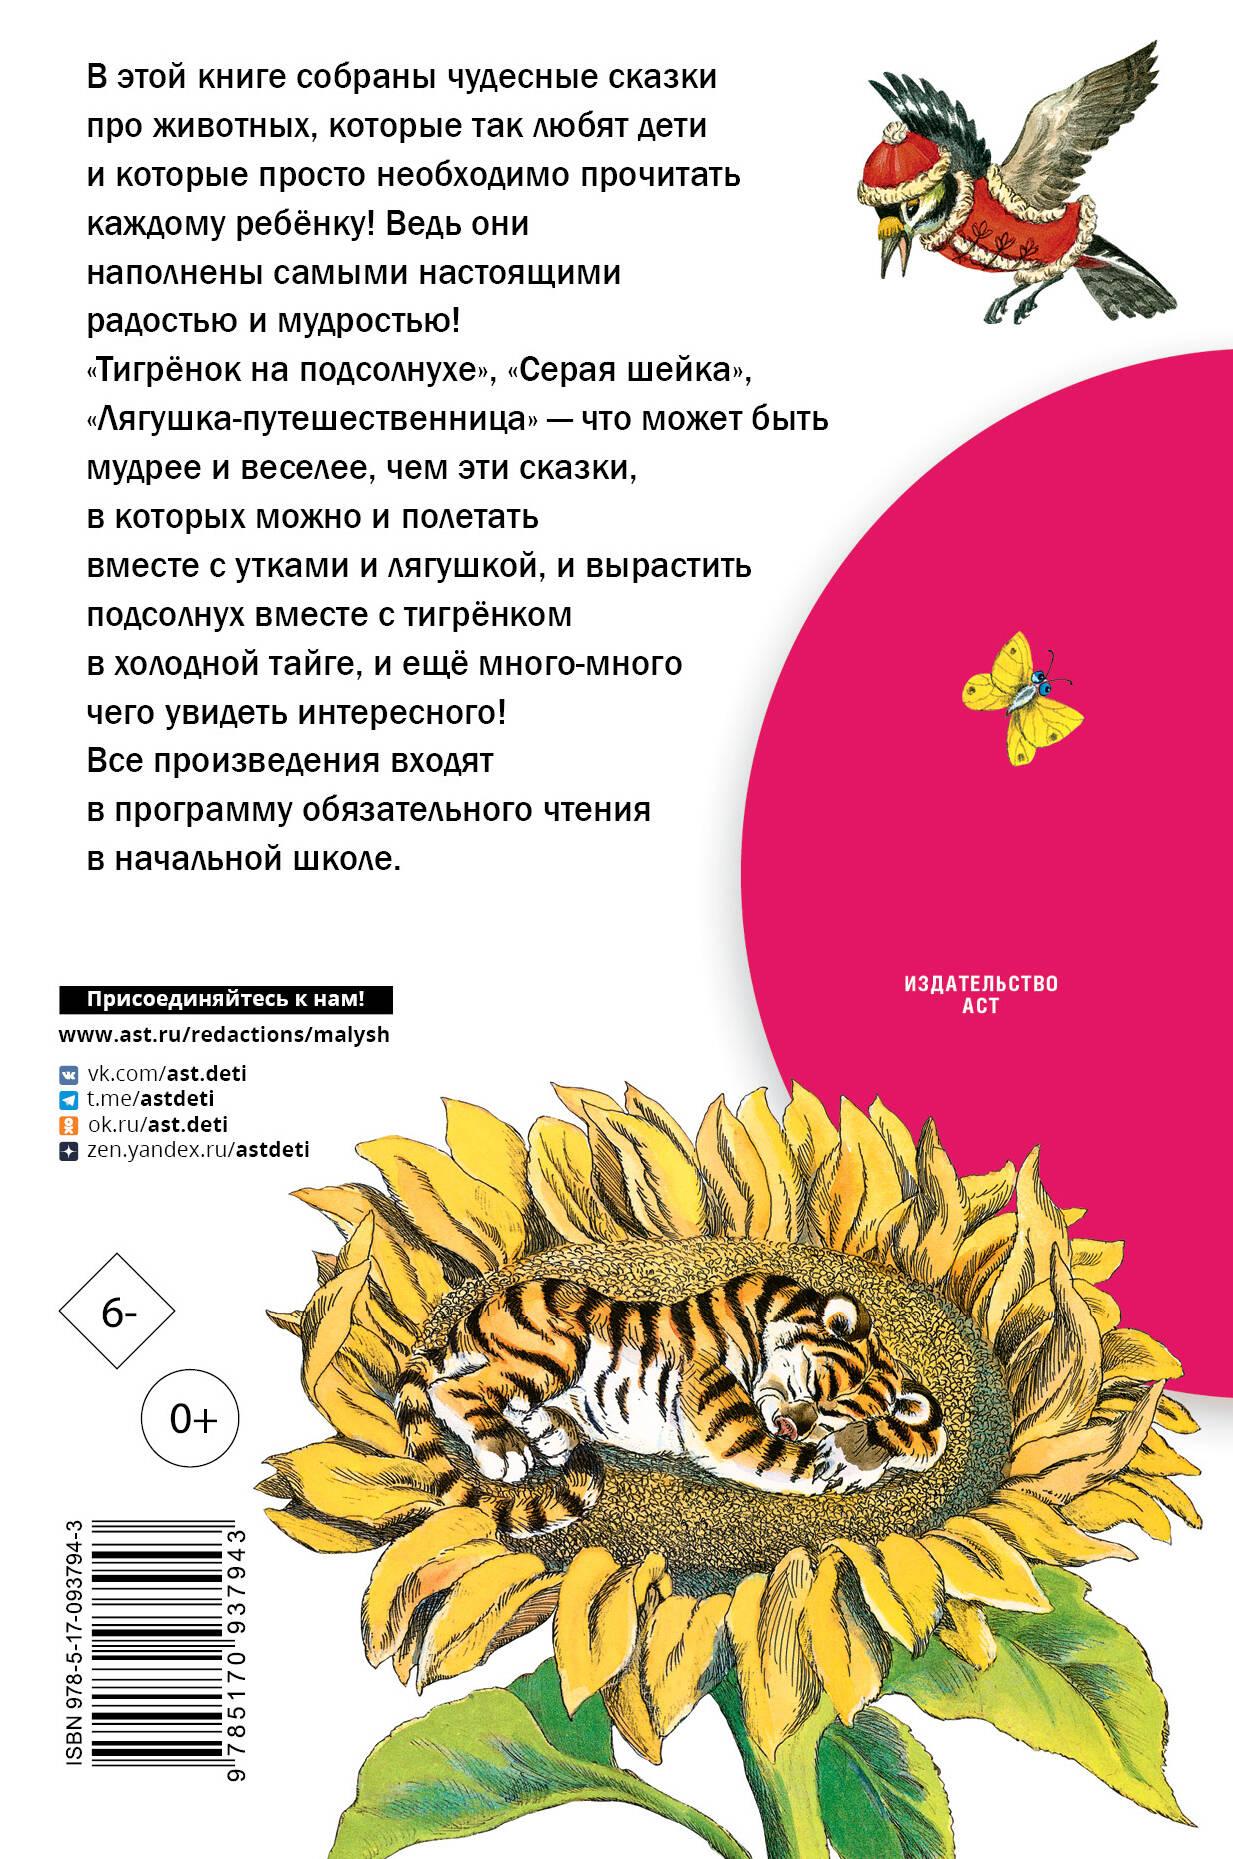 Сказки александра пушкина читать для 3 класса